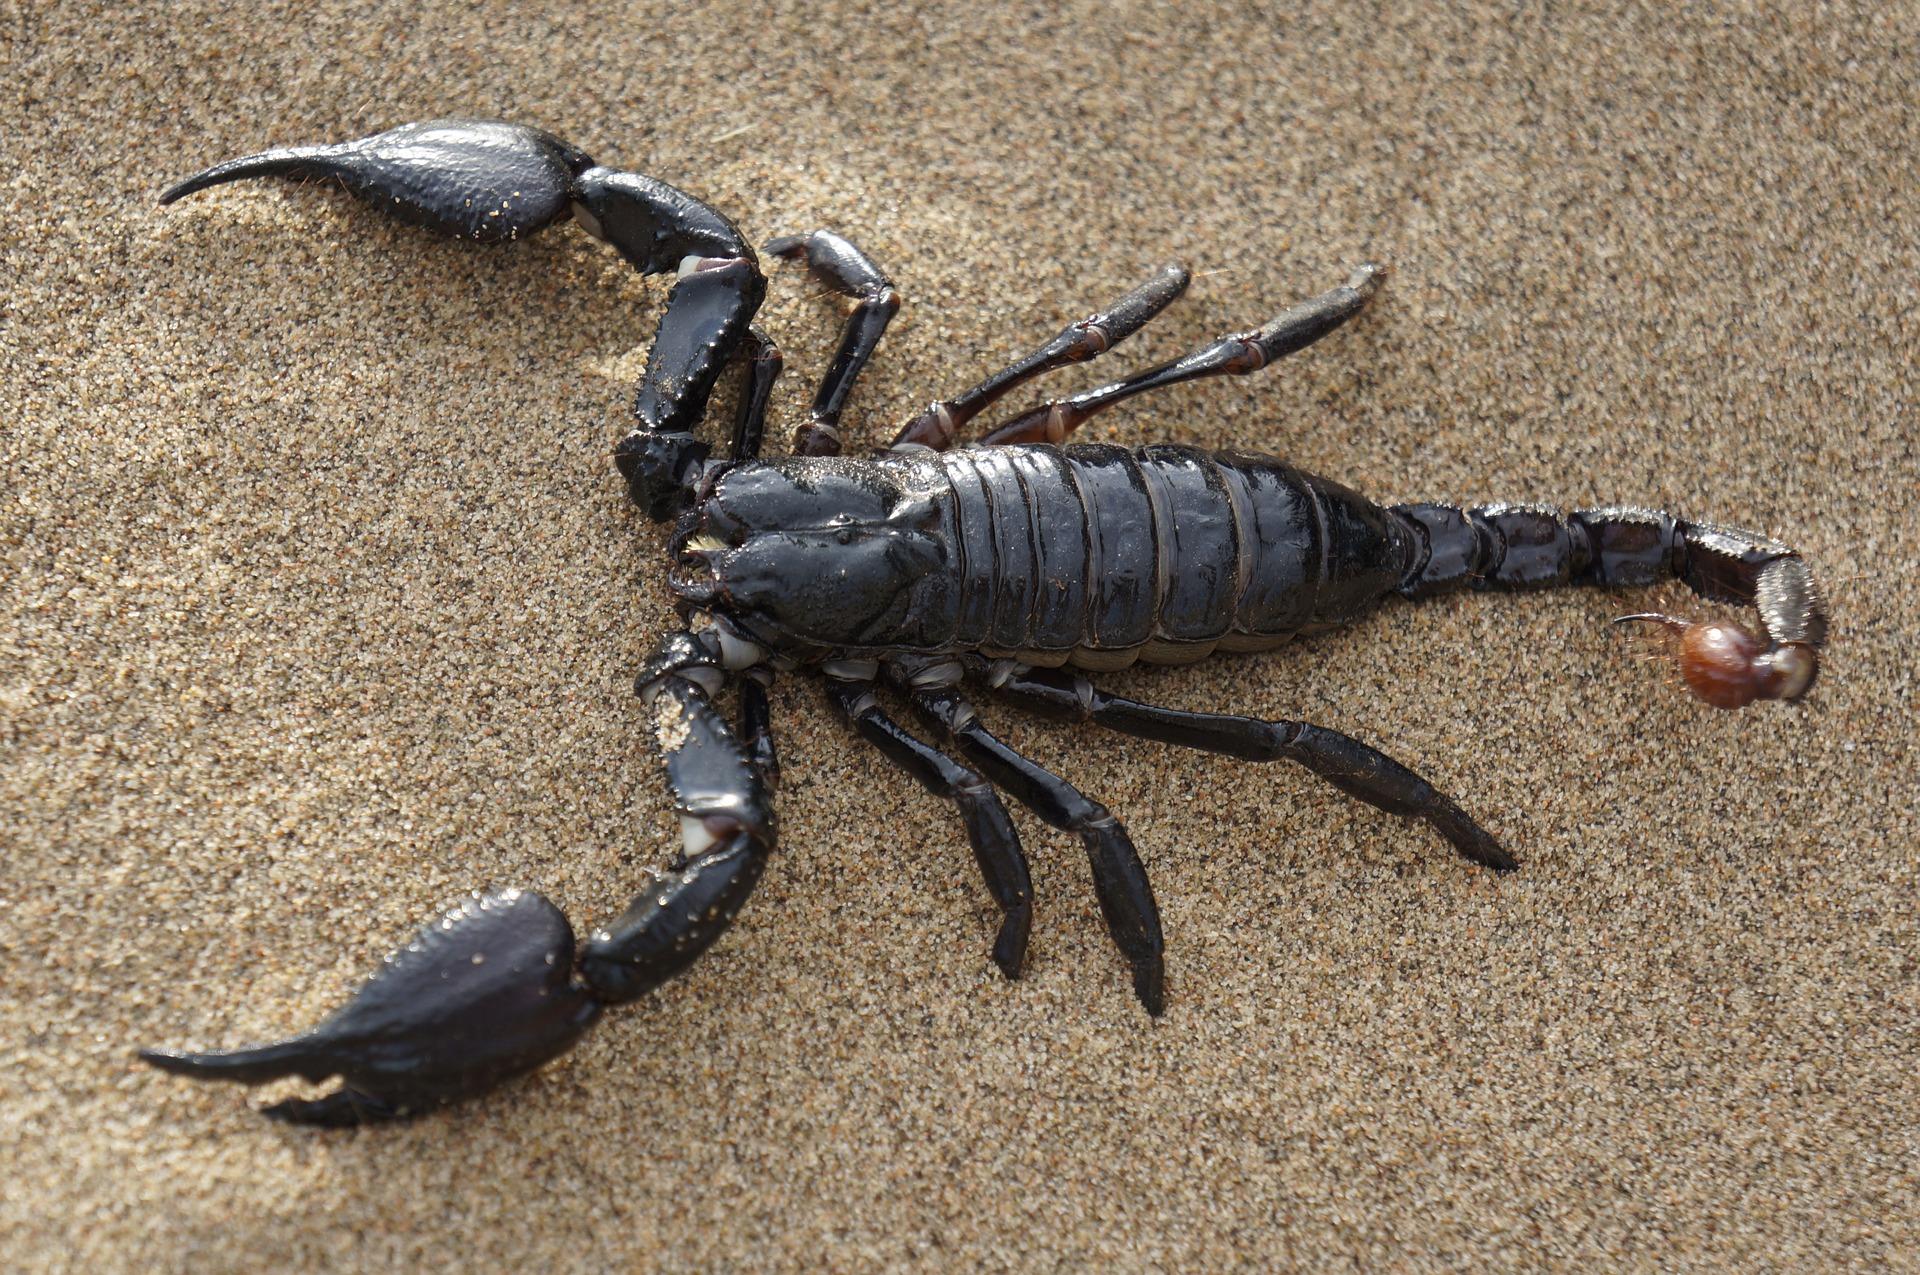 scorpion-651142_1920